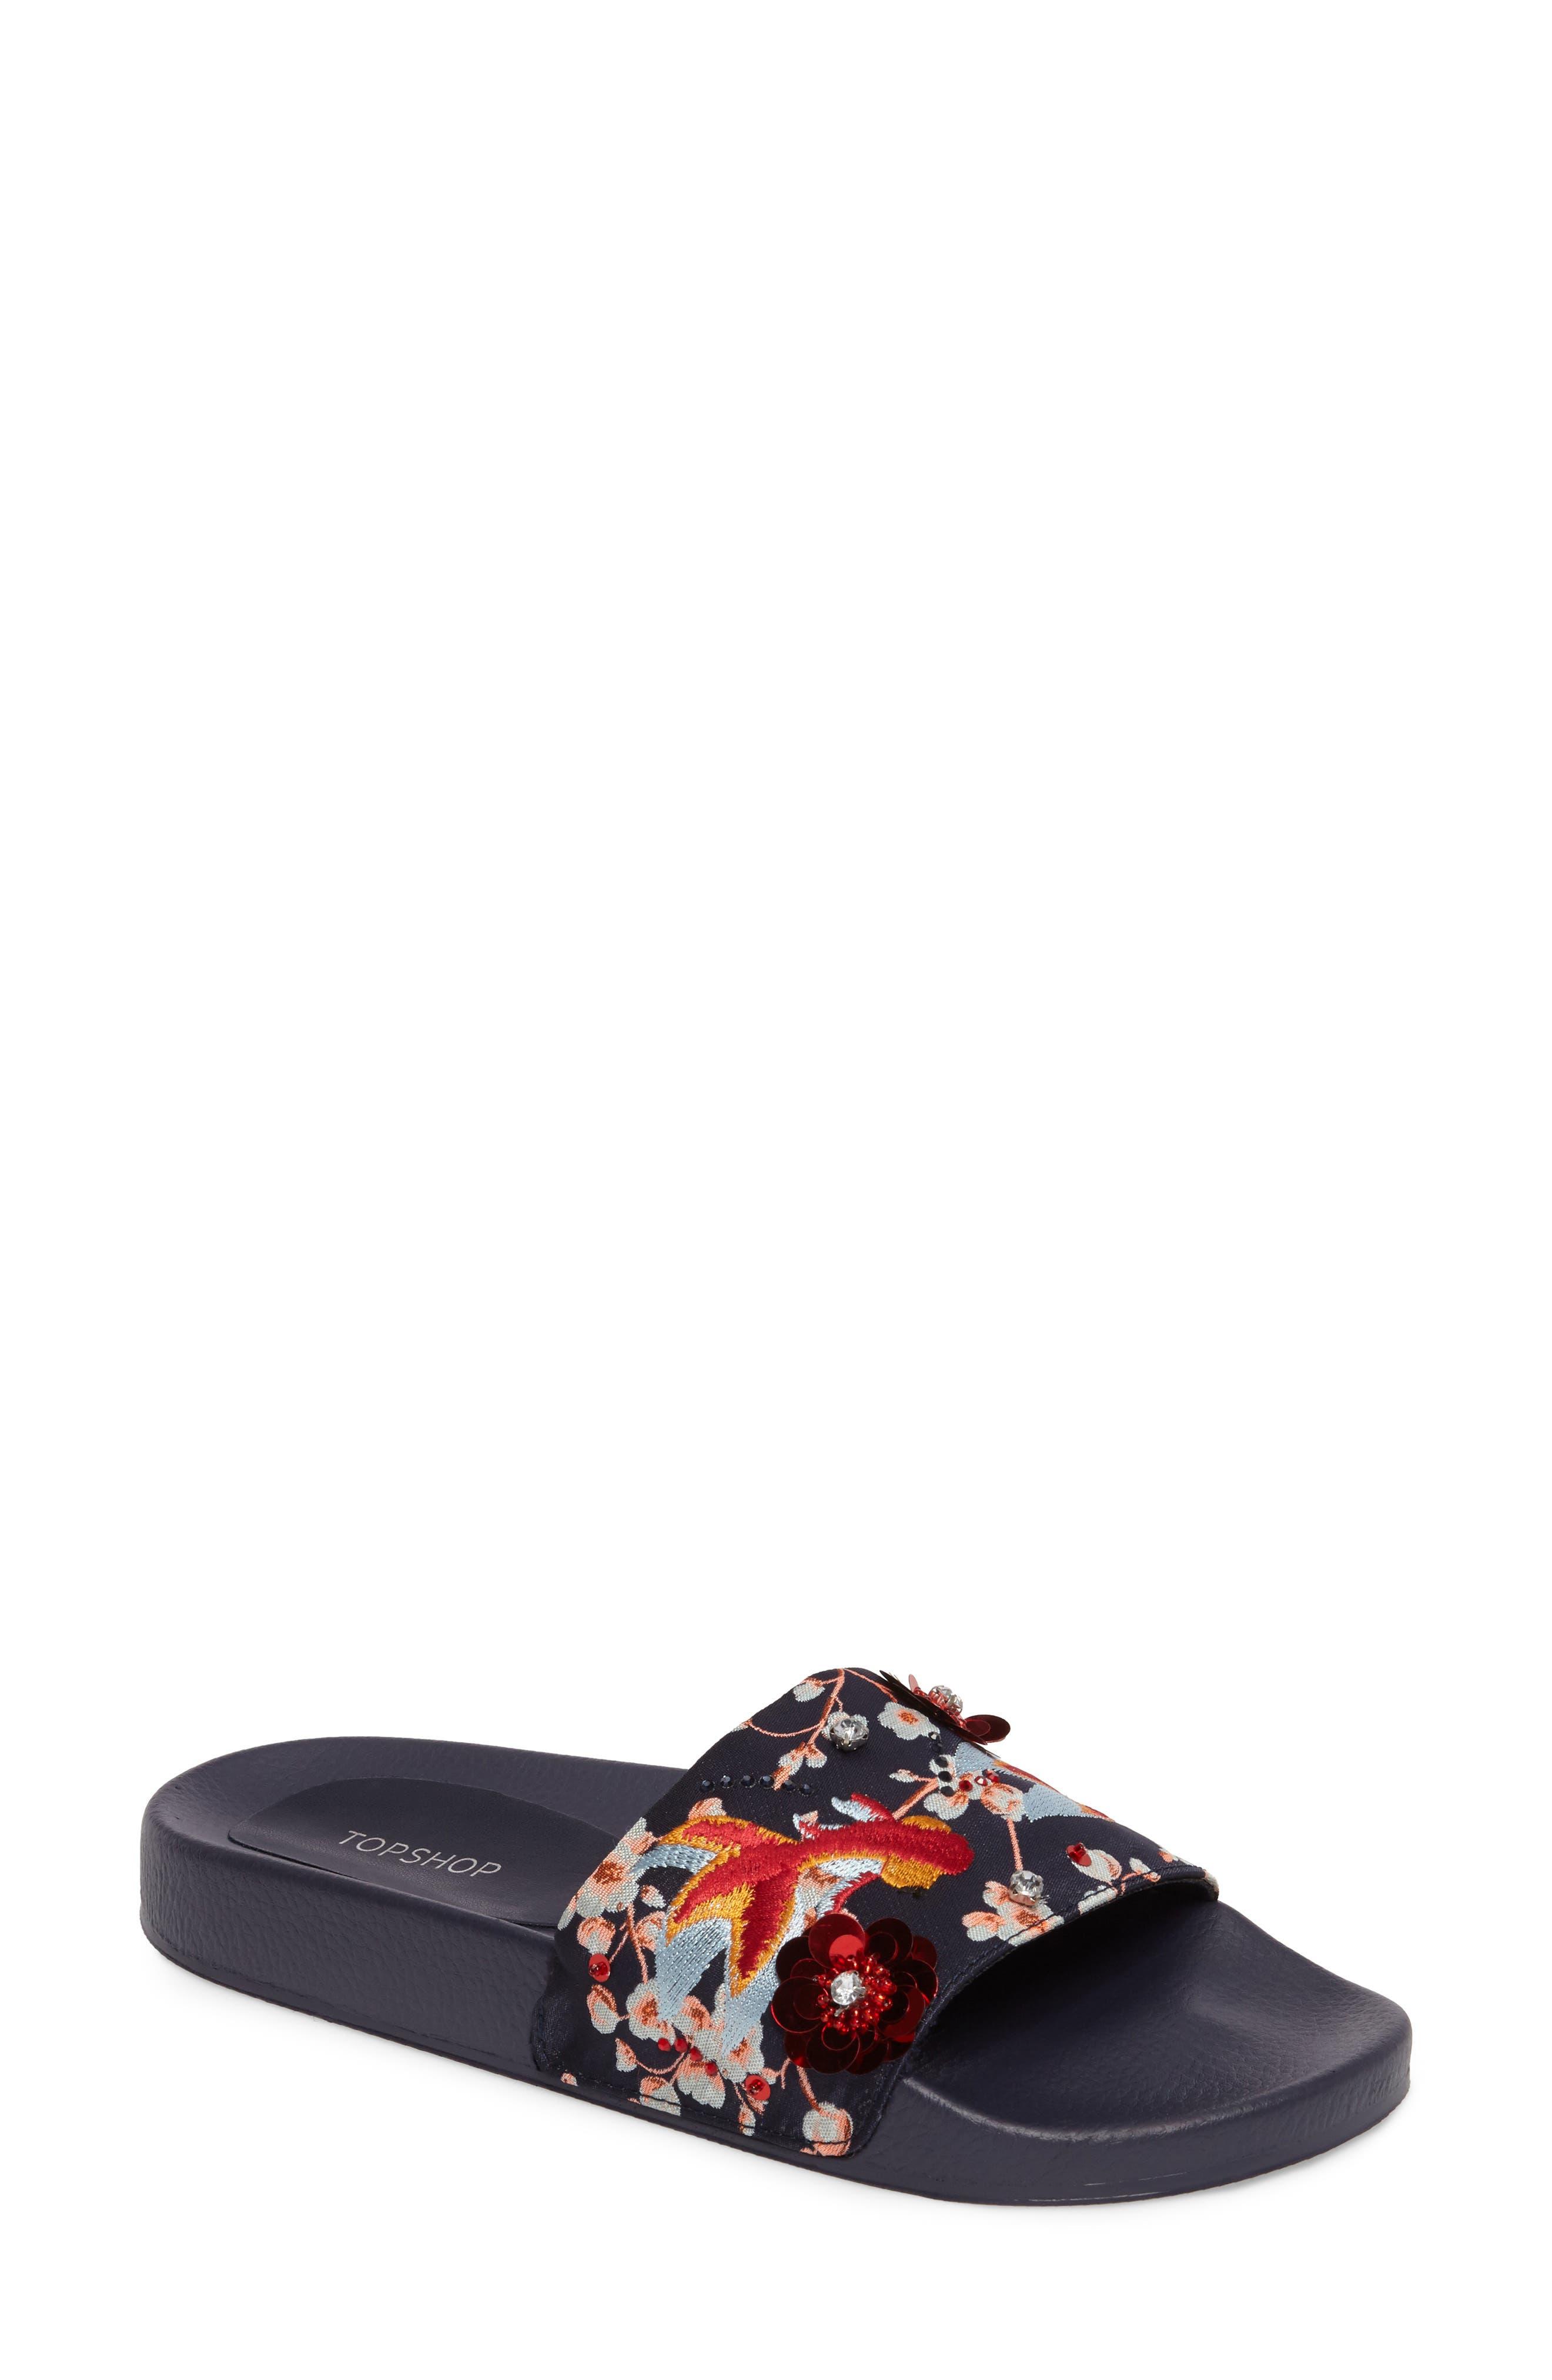 TOPSHOP HERRING Goldfish Embellished Slide Sandal